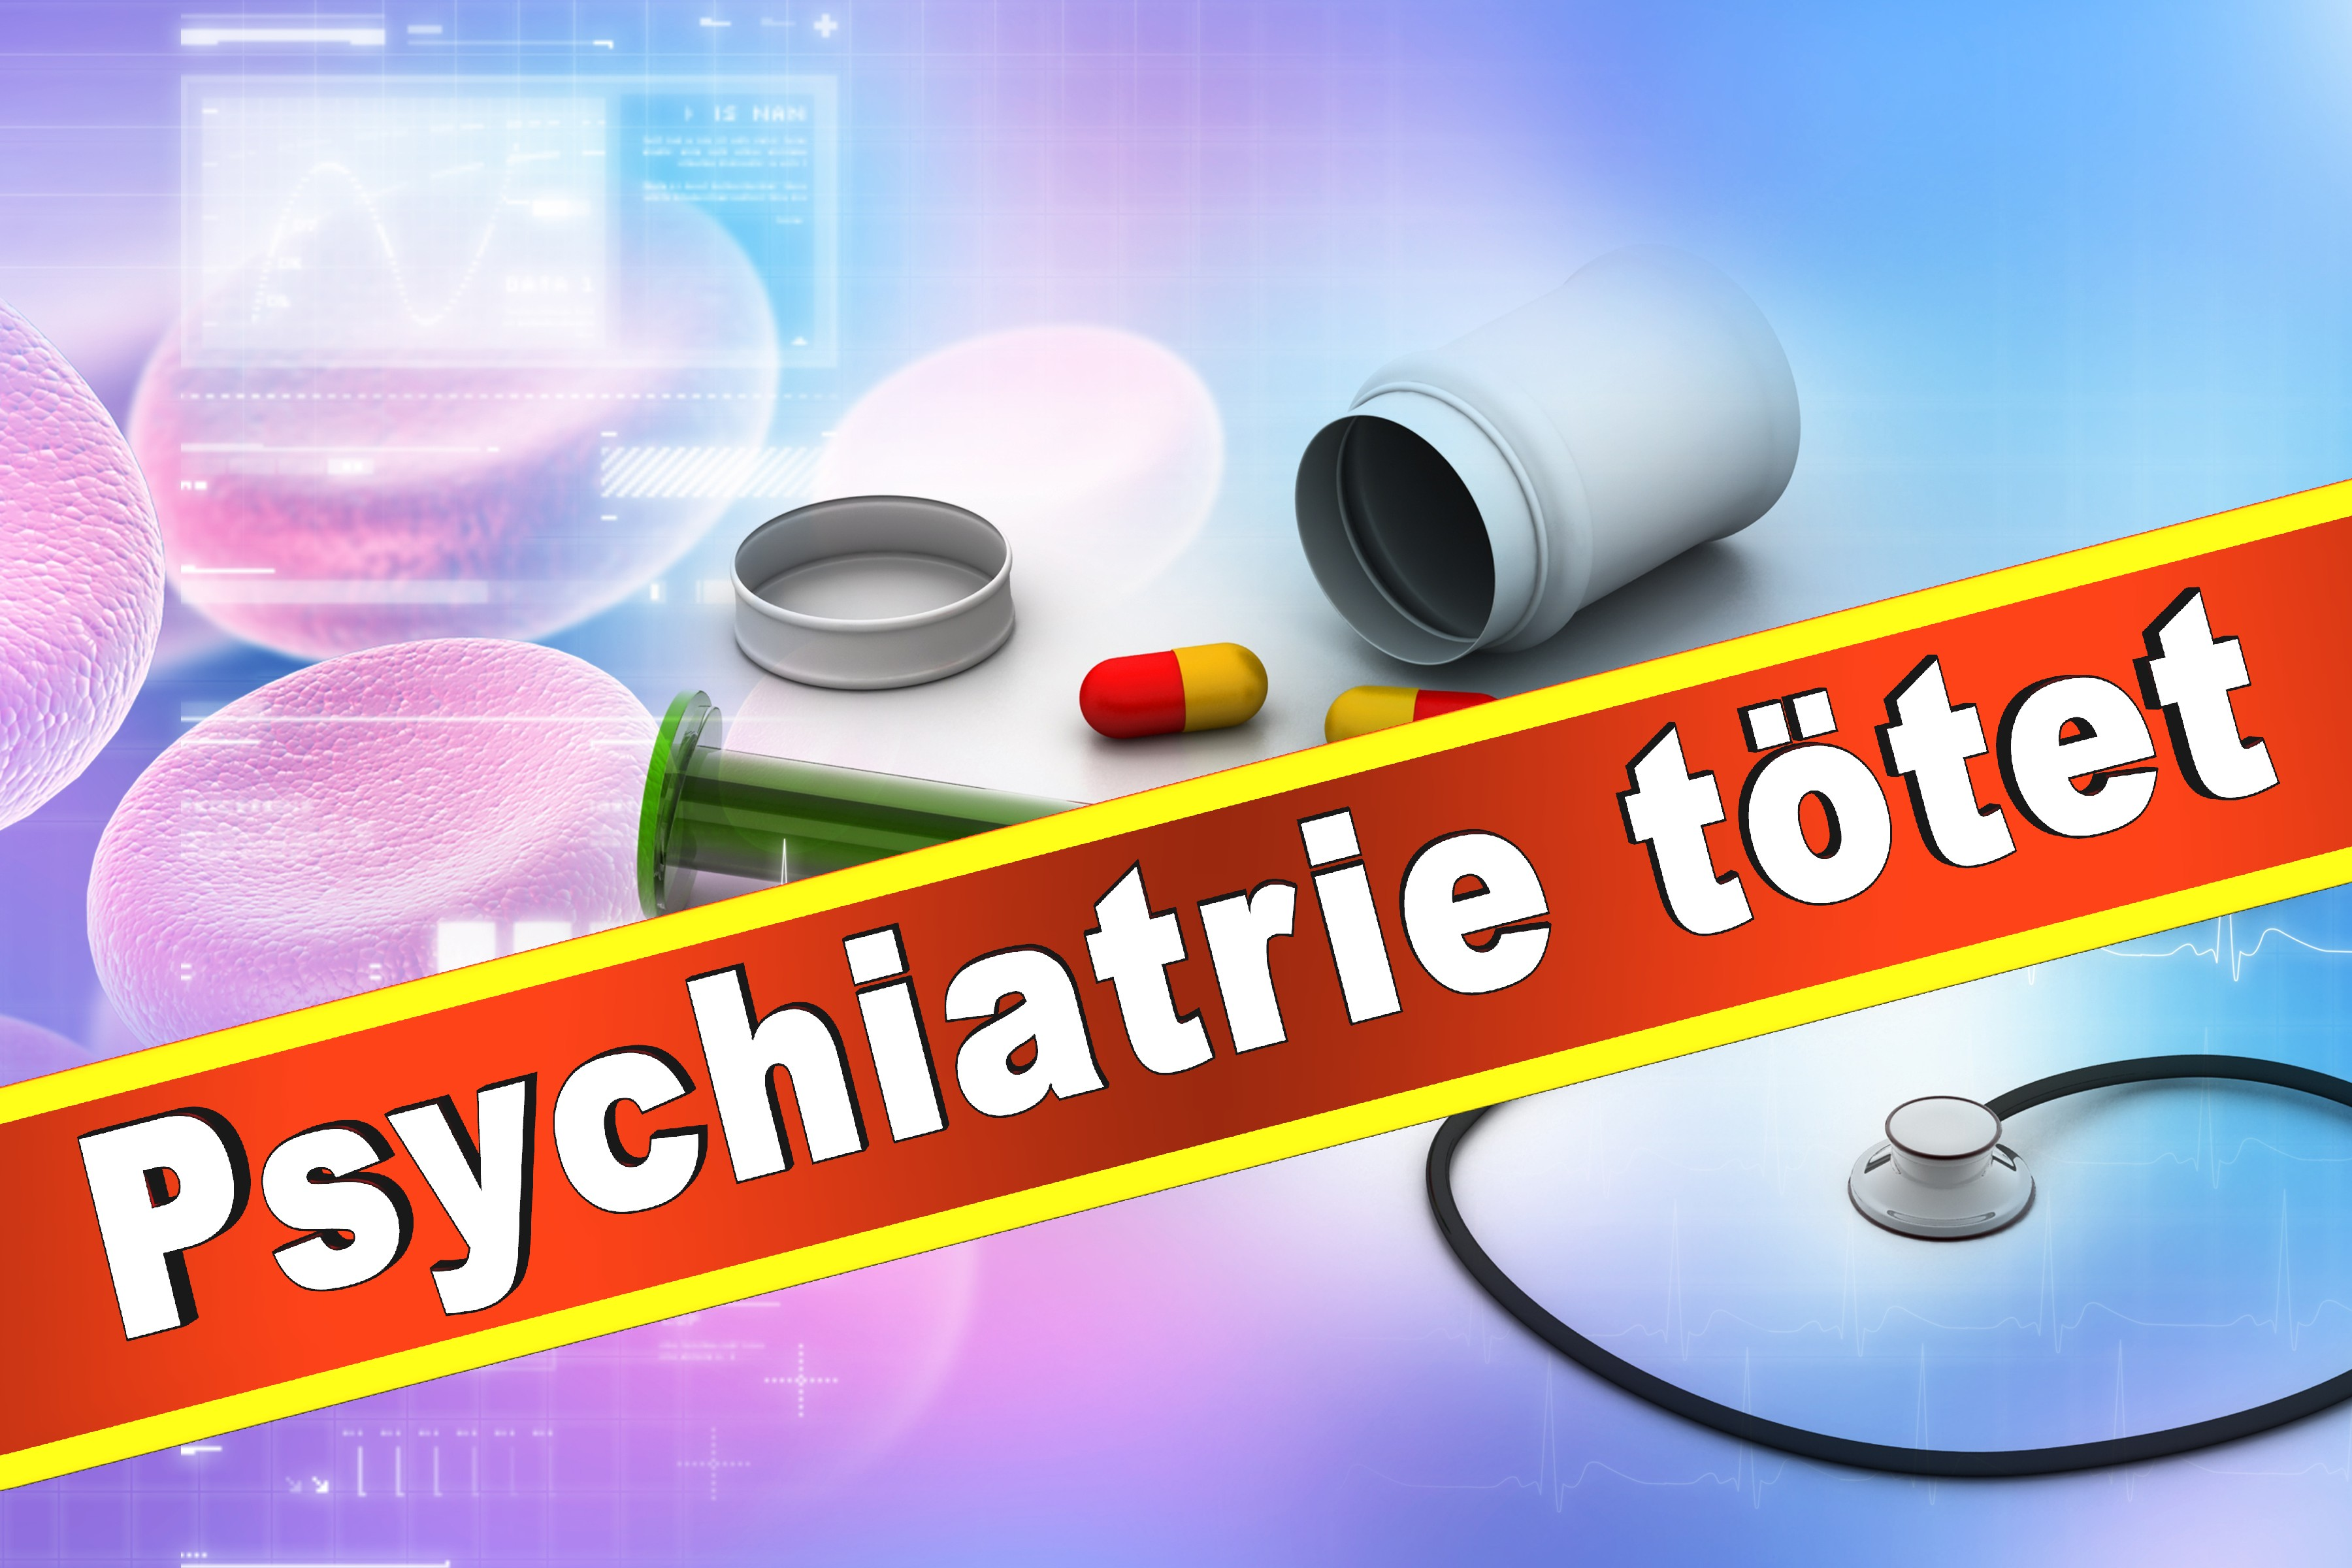 Wielant Machleidt Psychiater Psychotherapeut Professor Praxis Der Interkulturellen Psychiatrie Und Psychotherapie Medizinische Hochschule Hannover Klinik Für Psychiatrie Sozialpsychiatrie (11)